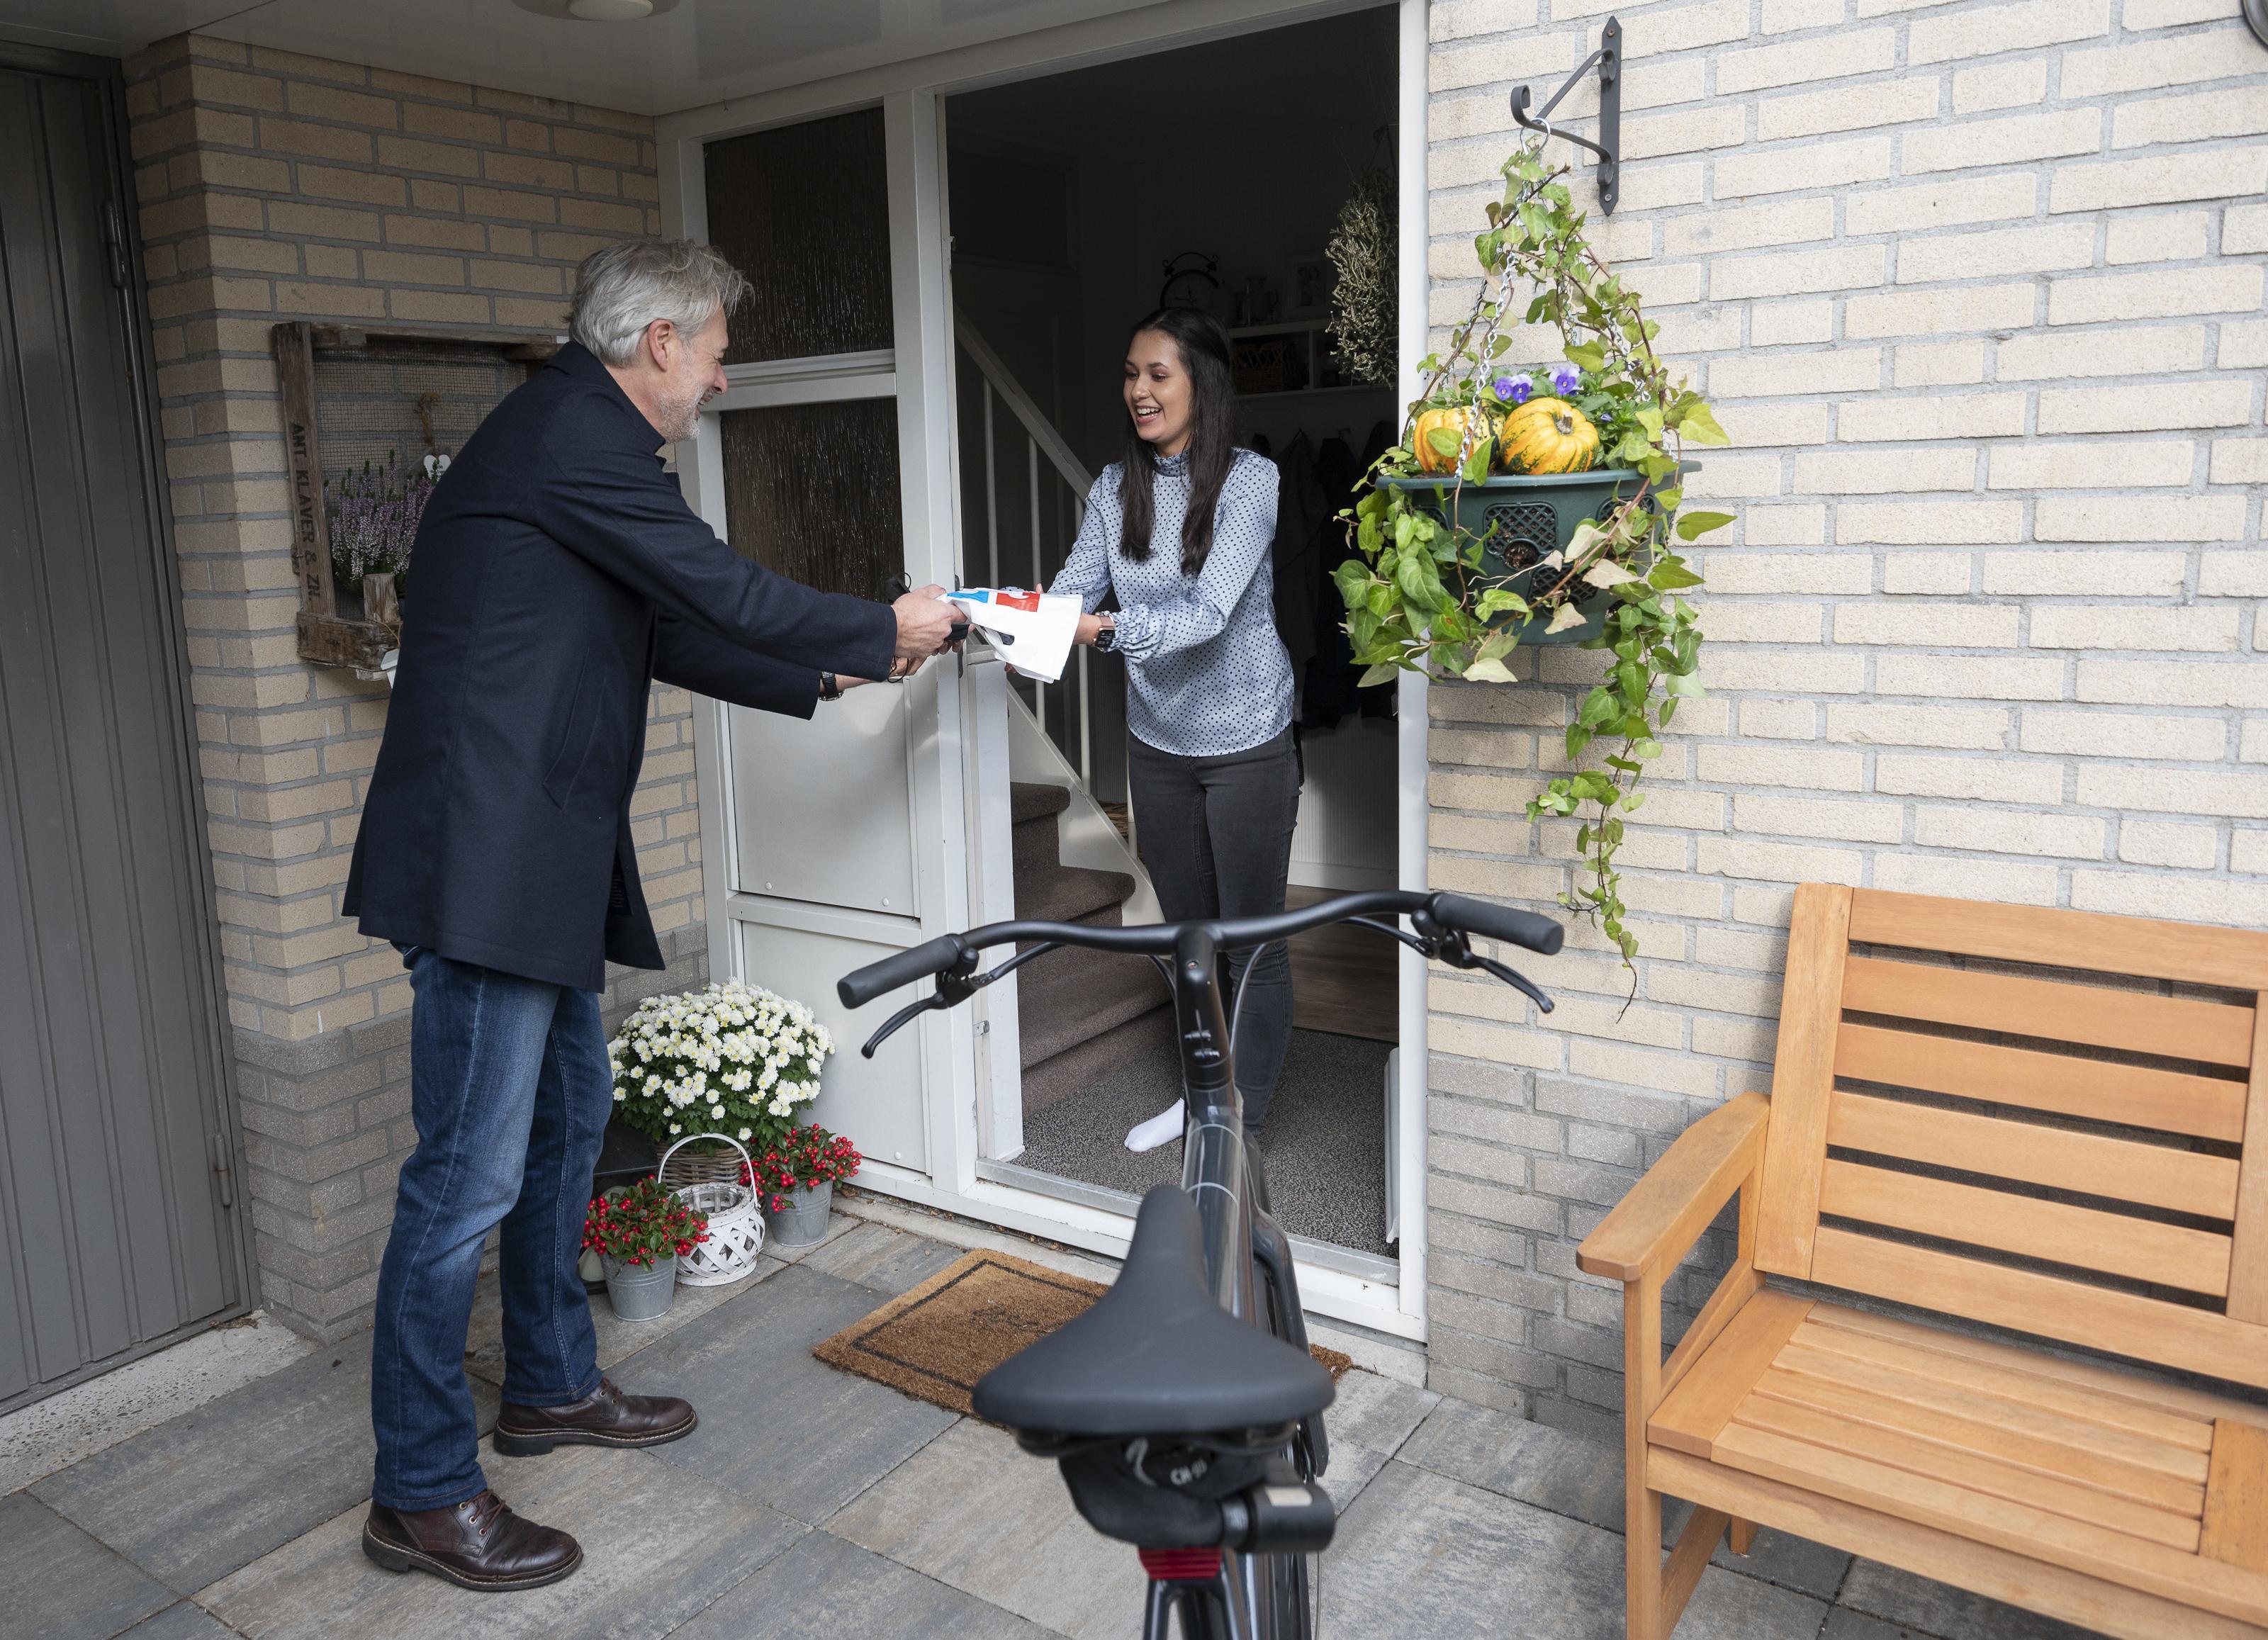 Henk Schulte bezorgt boeken vanwege corona per fiets: 'Ik denk niet dat Bol.com onze verkoop voelt, maar misschien wel van al die plaatselijke boekhandels bij elkaar'